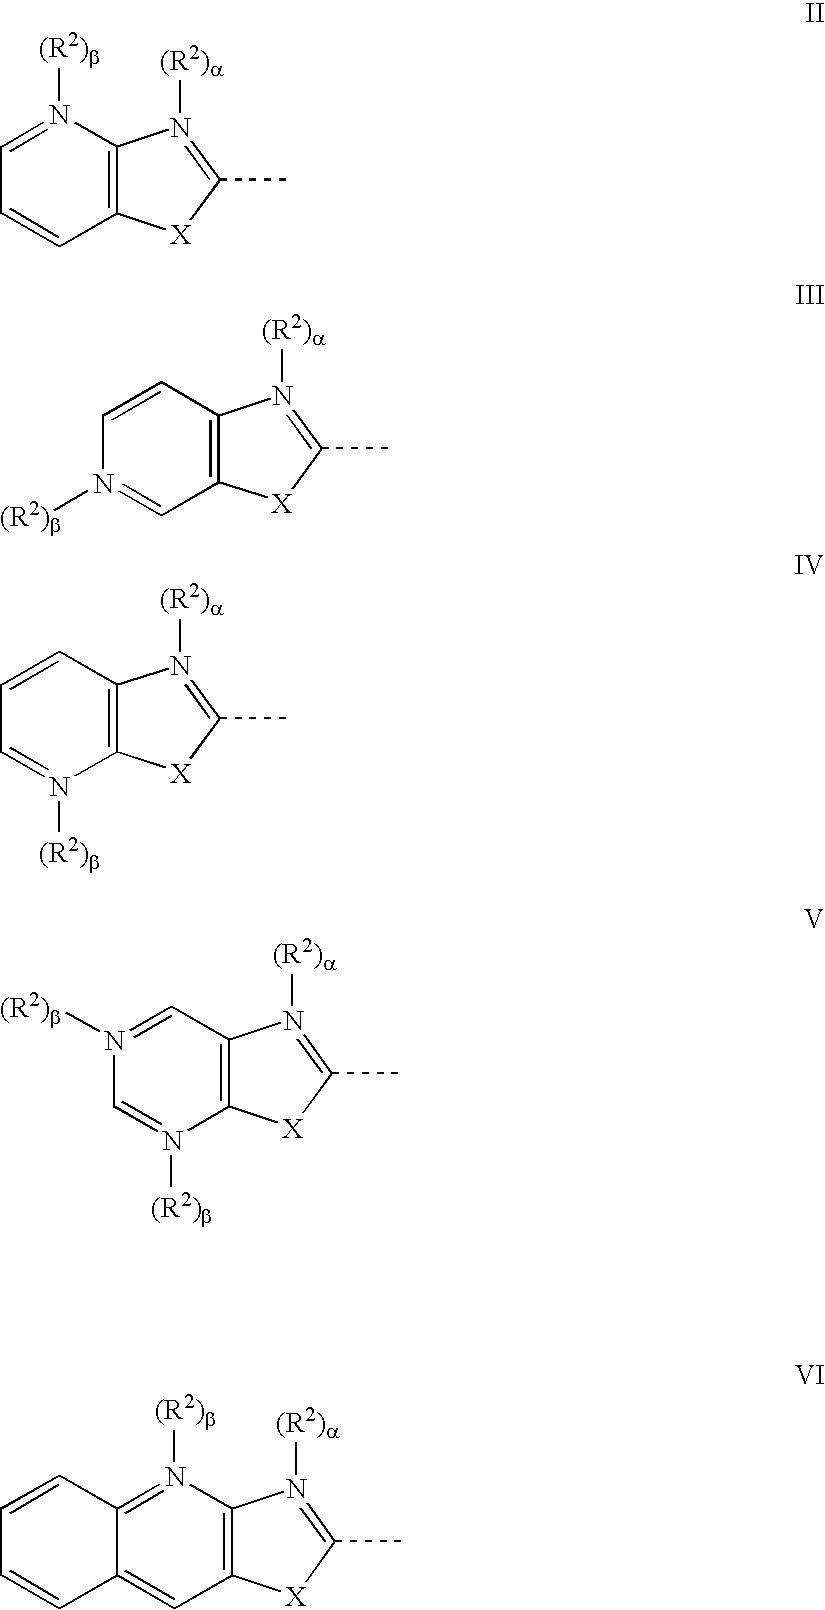 Figure US20070178512A1-20070802-C00003